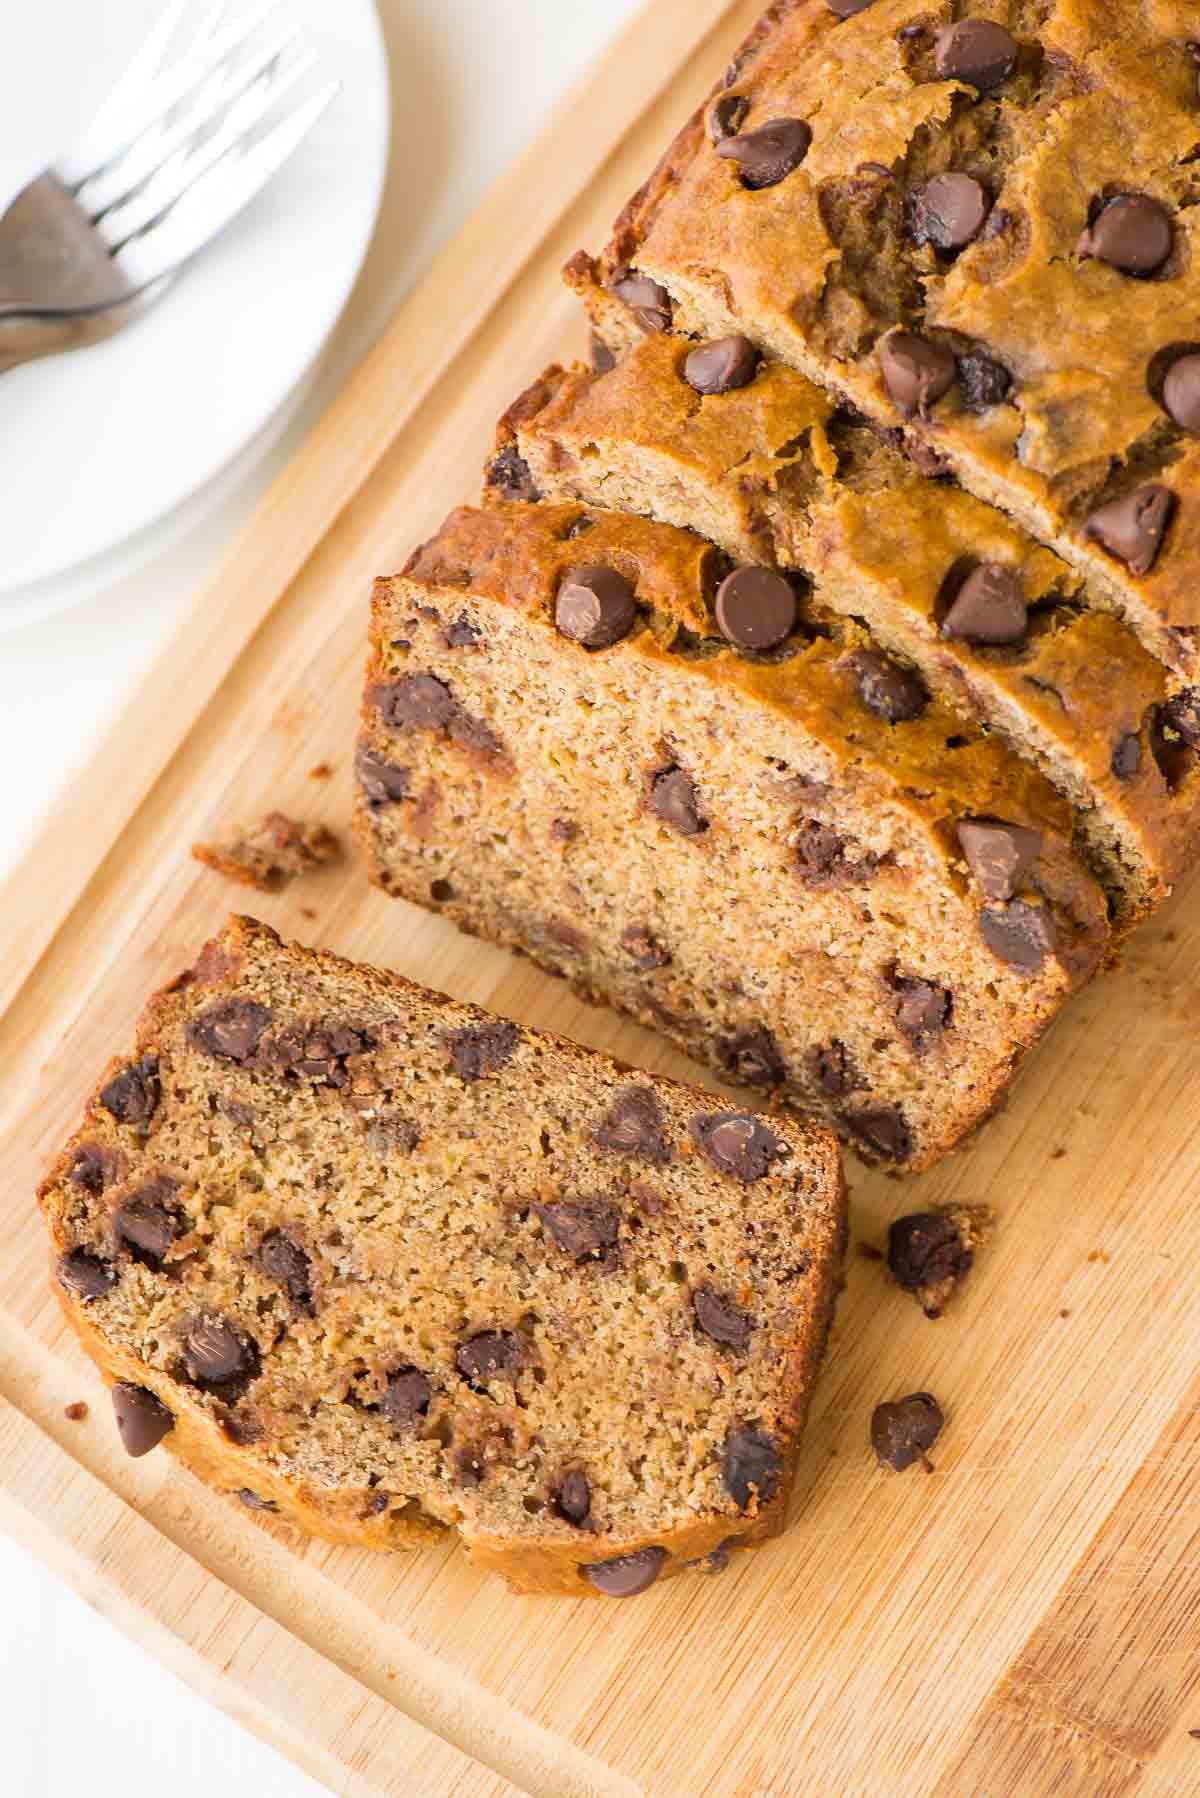 Easy Healthy Banana Bread  Healthy Banana Bread Recipe with Chocolate Chips